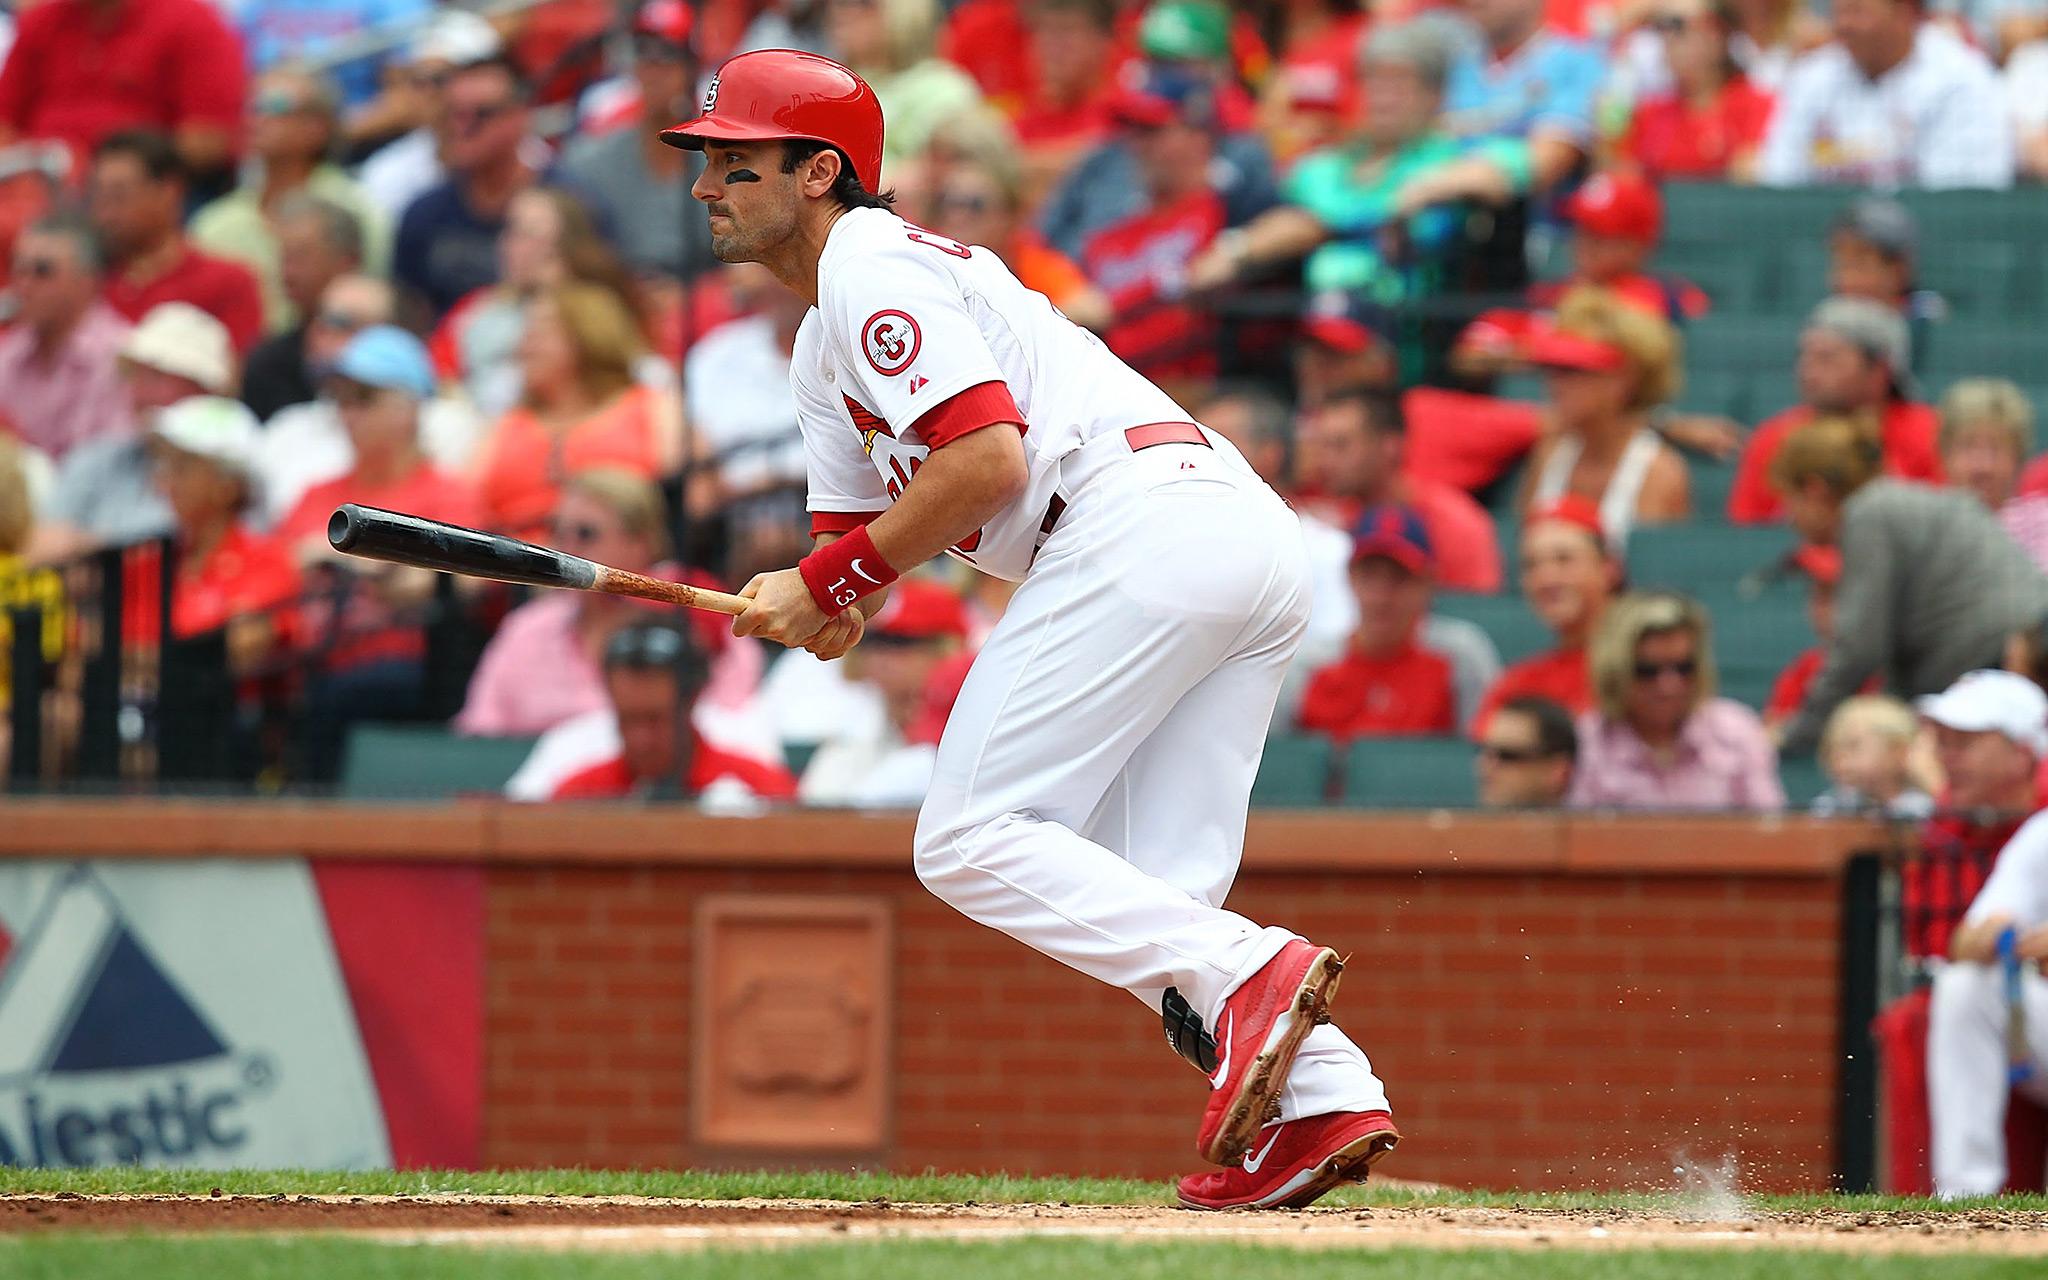 Best hitter: Matt Carpenter